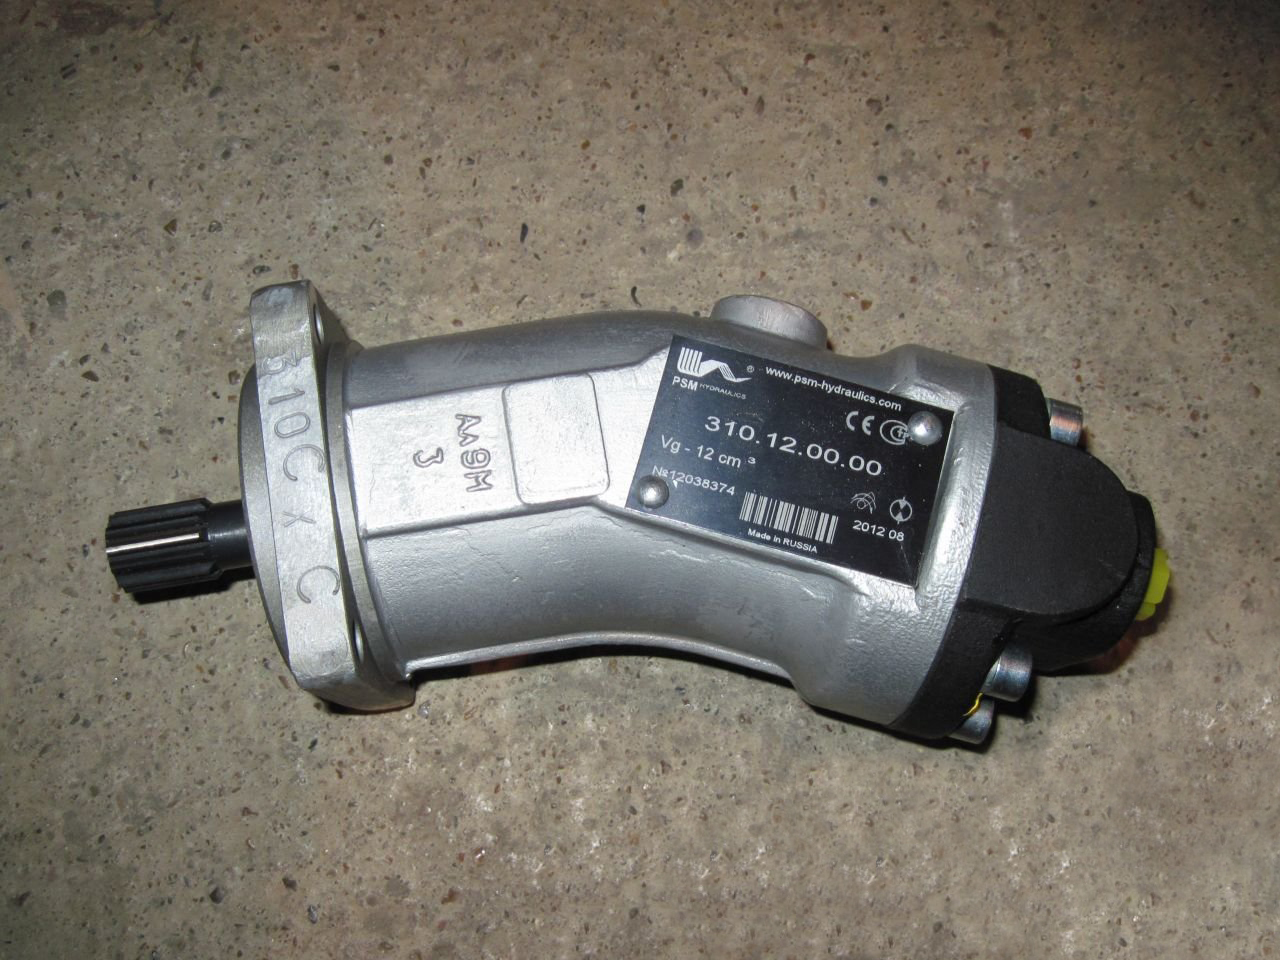 Гидромотор 310.12.00.00 для ЭО-3323, ЭО-4124, ЭО-4225, ЕК-12